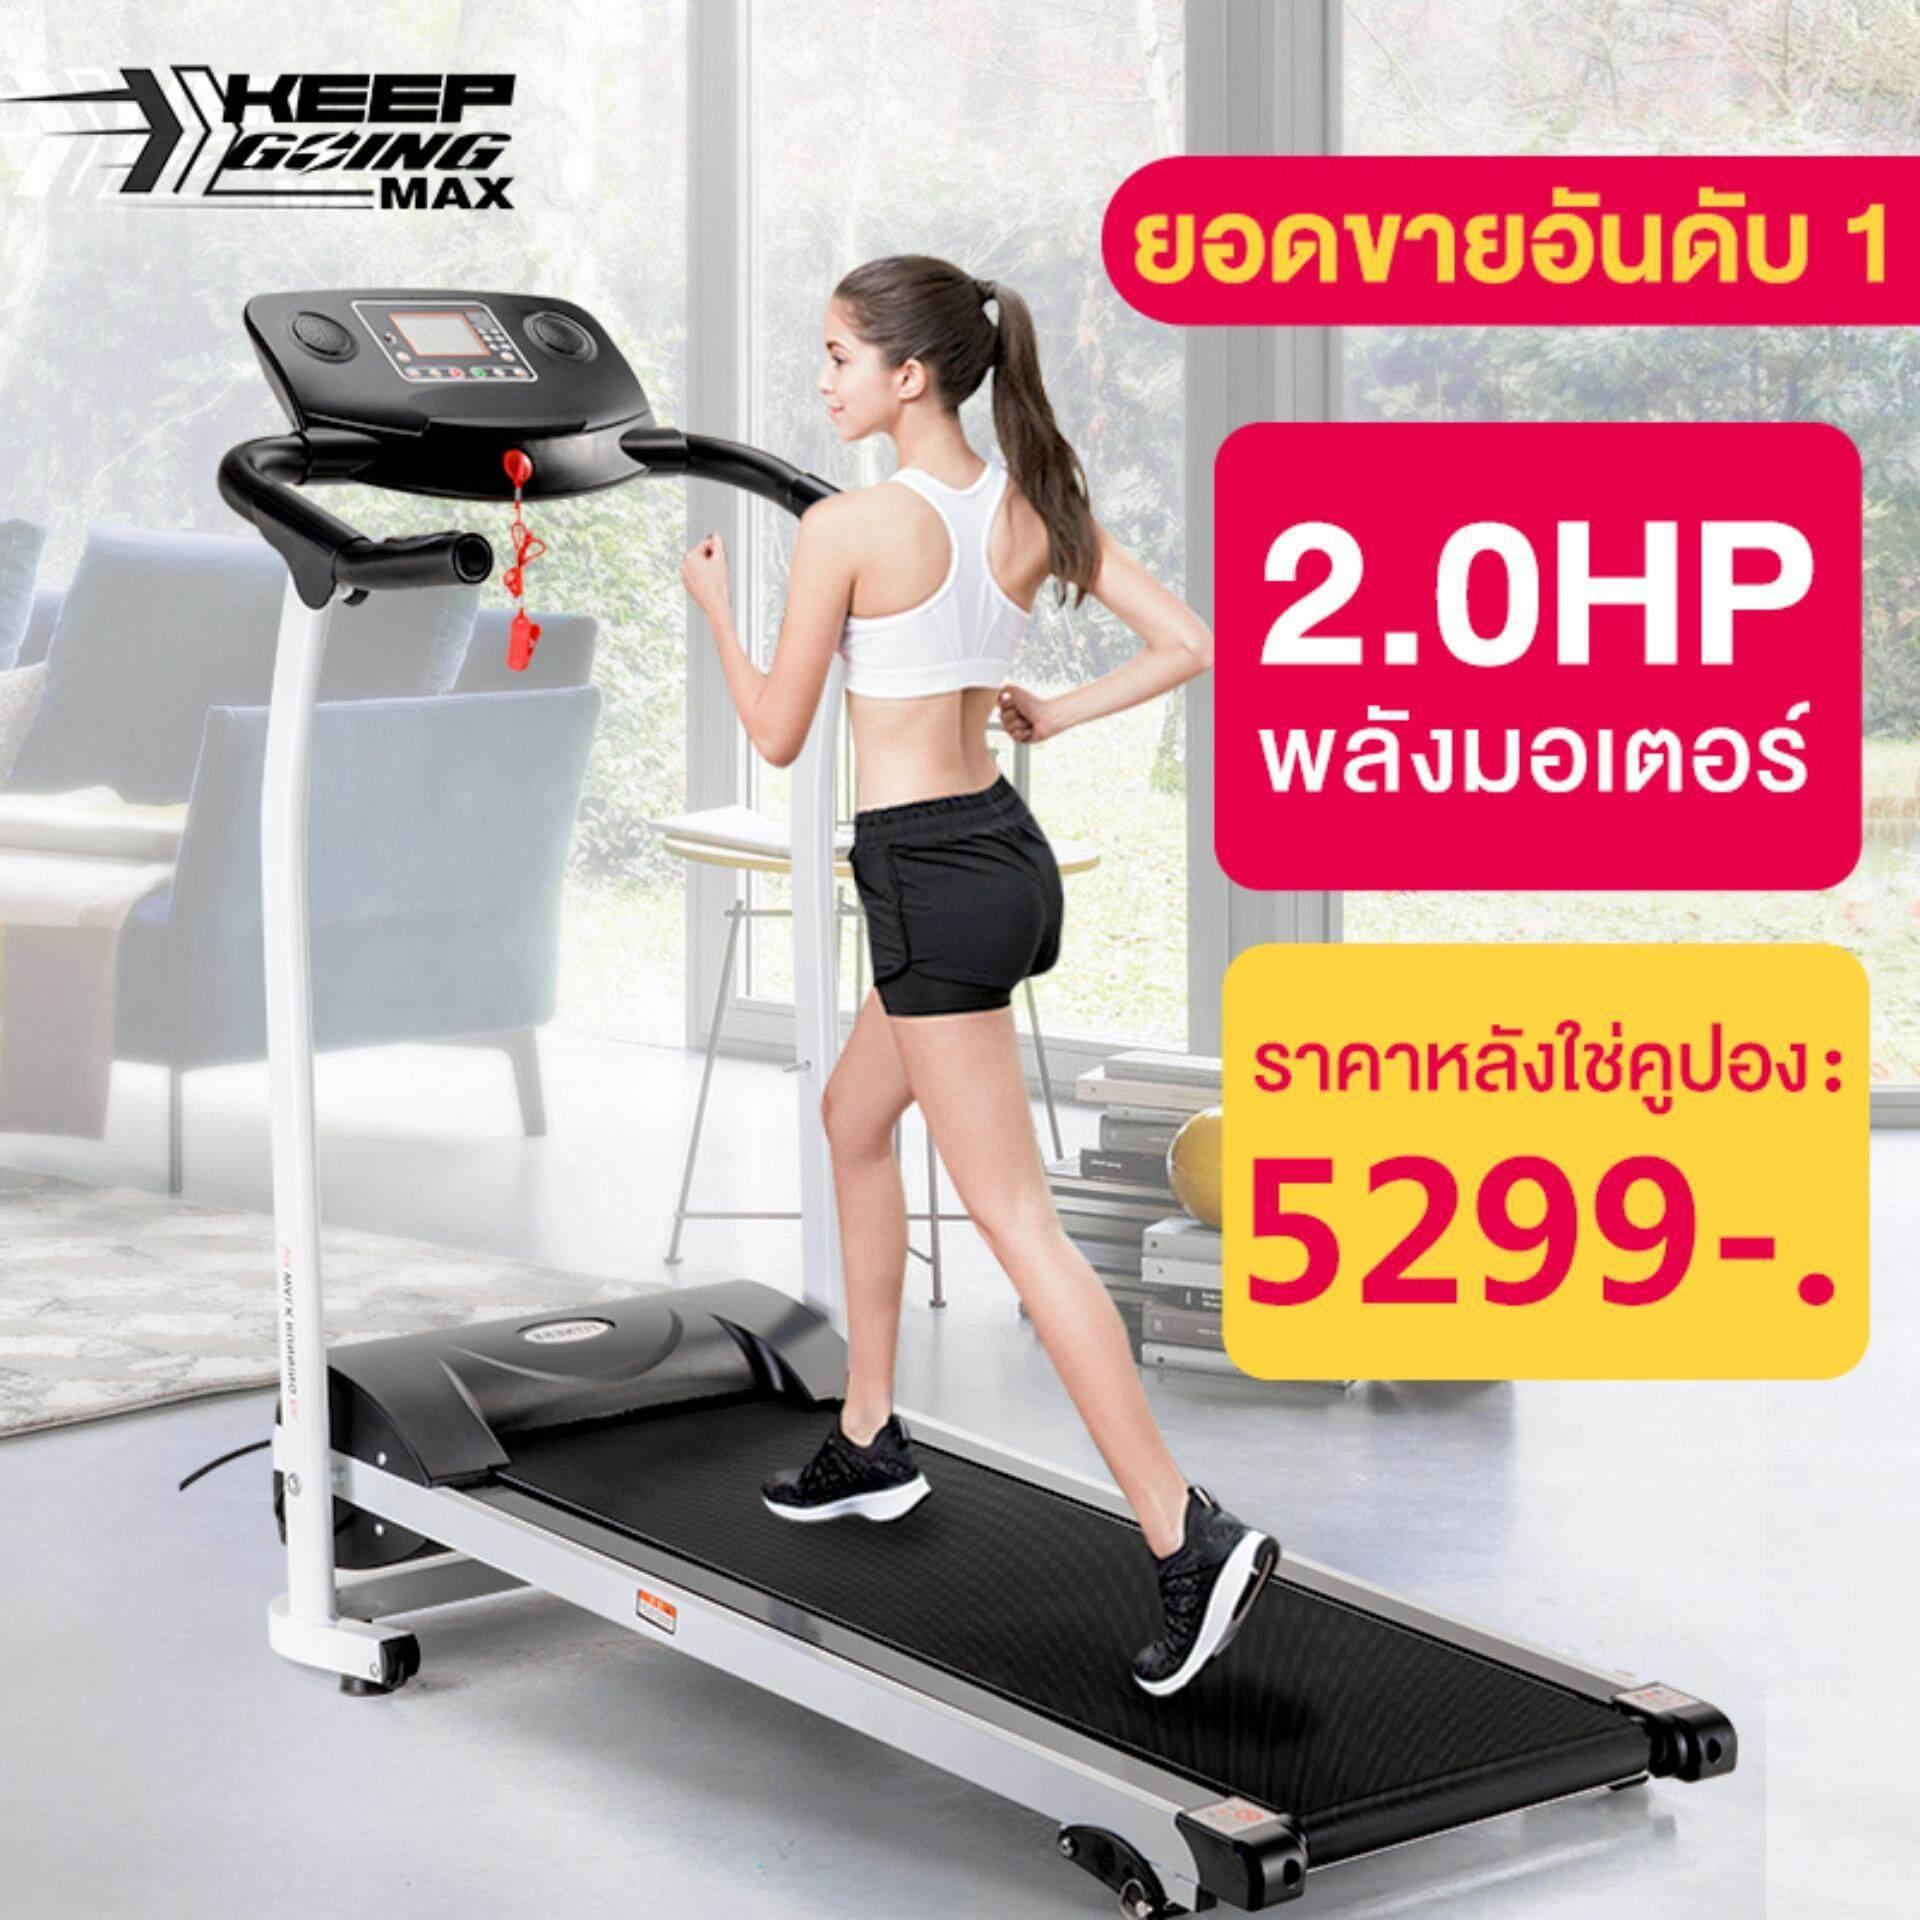 ยอดขาย อันดับ 1 ลู่วิ่งไฟฟ้า 2.0 แรงม้า+พร้อมระบบรับแรงกระแทก สามารถพับเก็บได้ประหยัดเนื้อที่ มีลำโพง สีดำ Treadmill